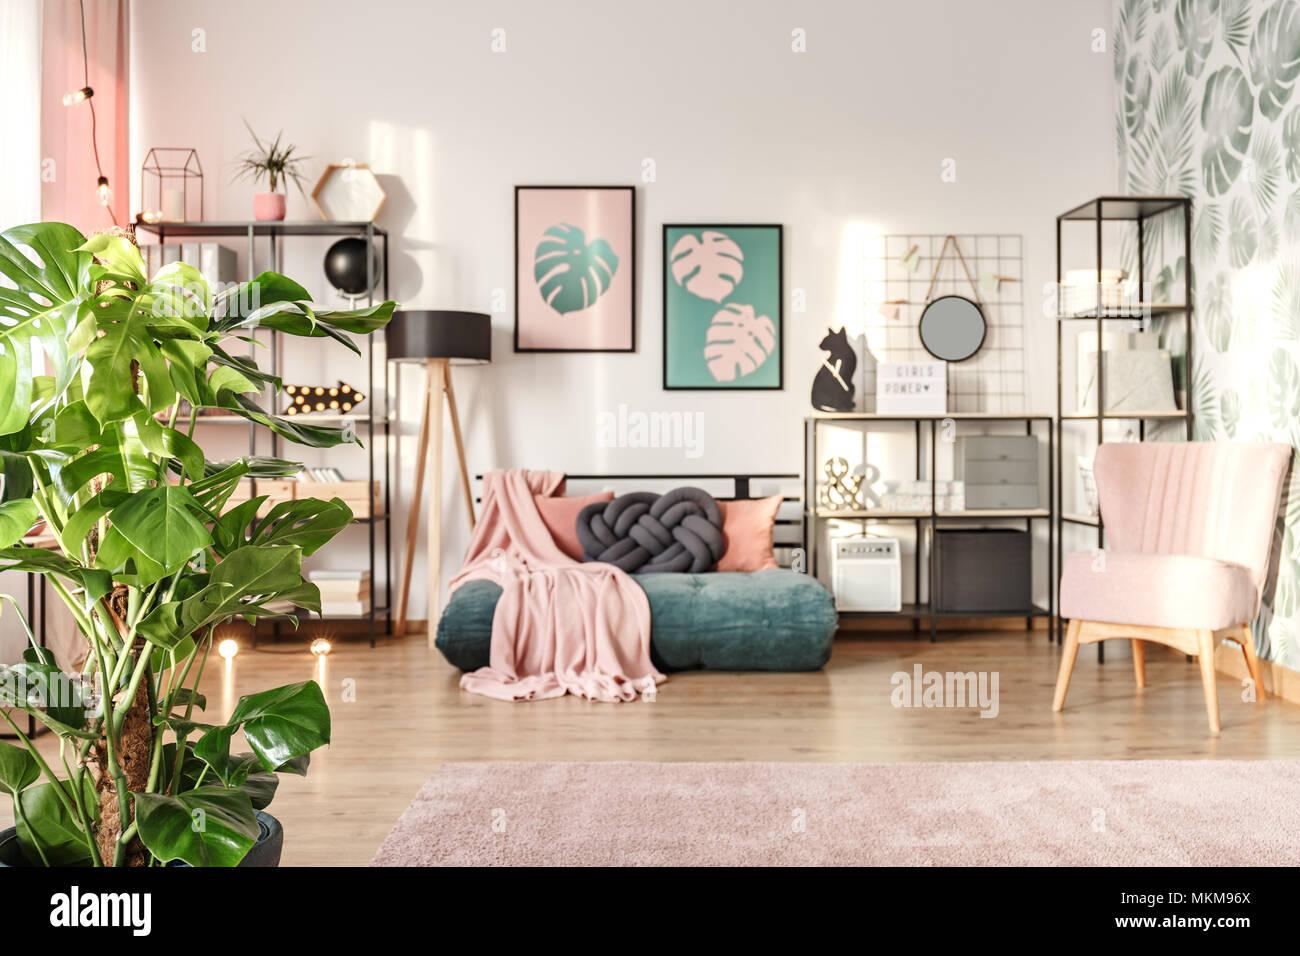 Big monstera Pflanze im Designer Wohnzimmer Einrichtung mit einem ...